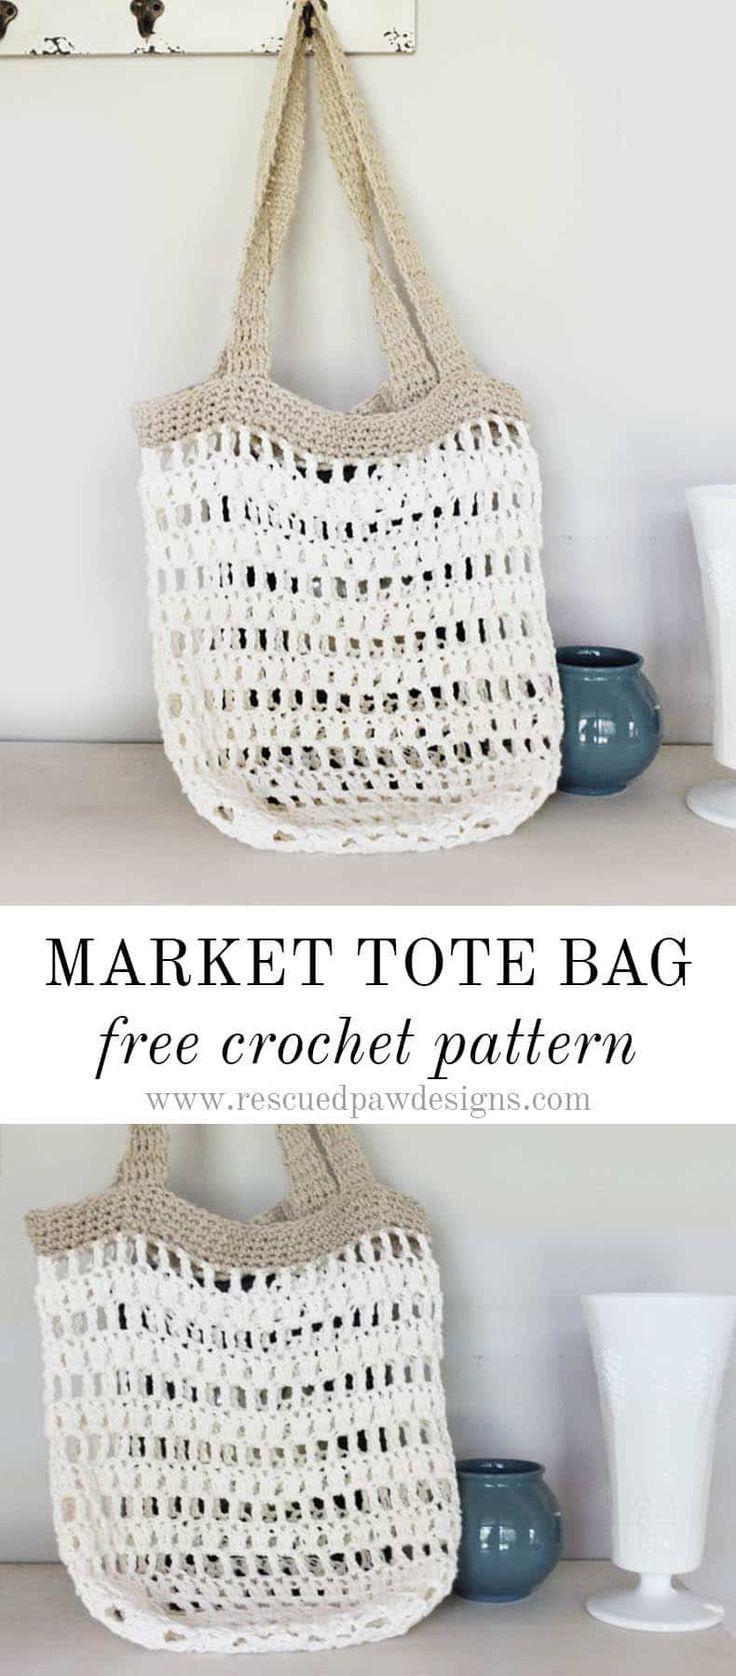 719 best Crochet images on Pinterest | Crochet patterns, Crochet ...